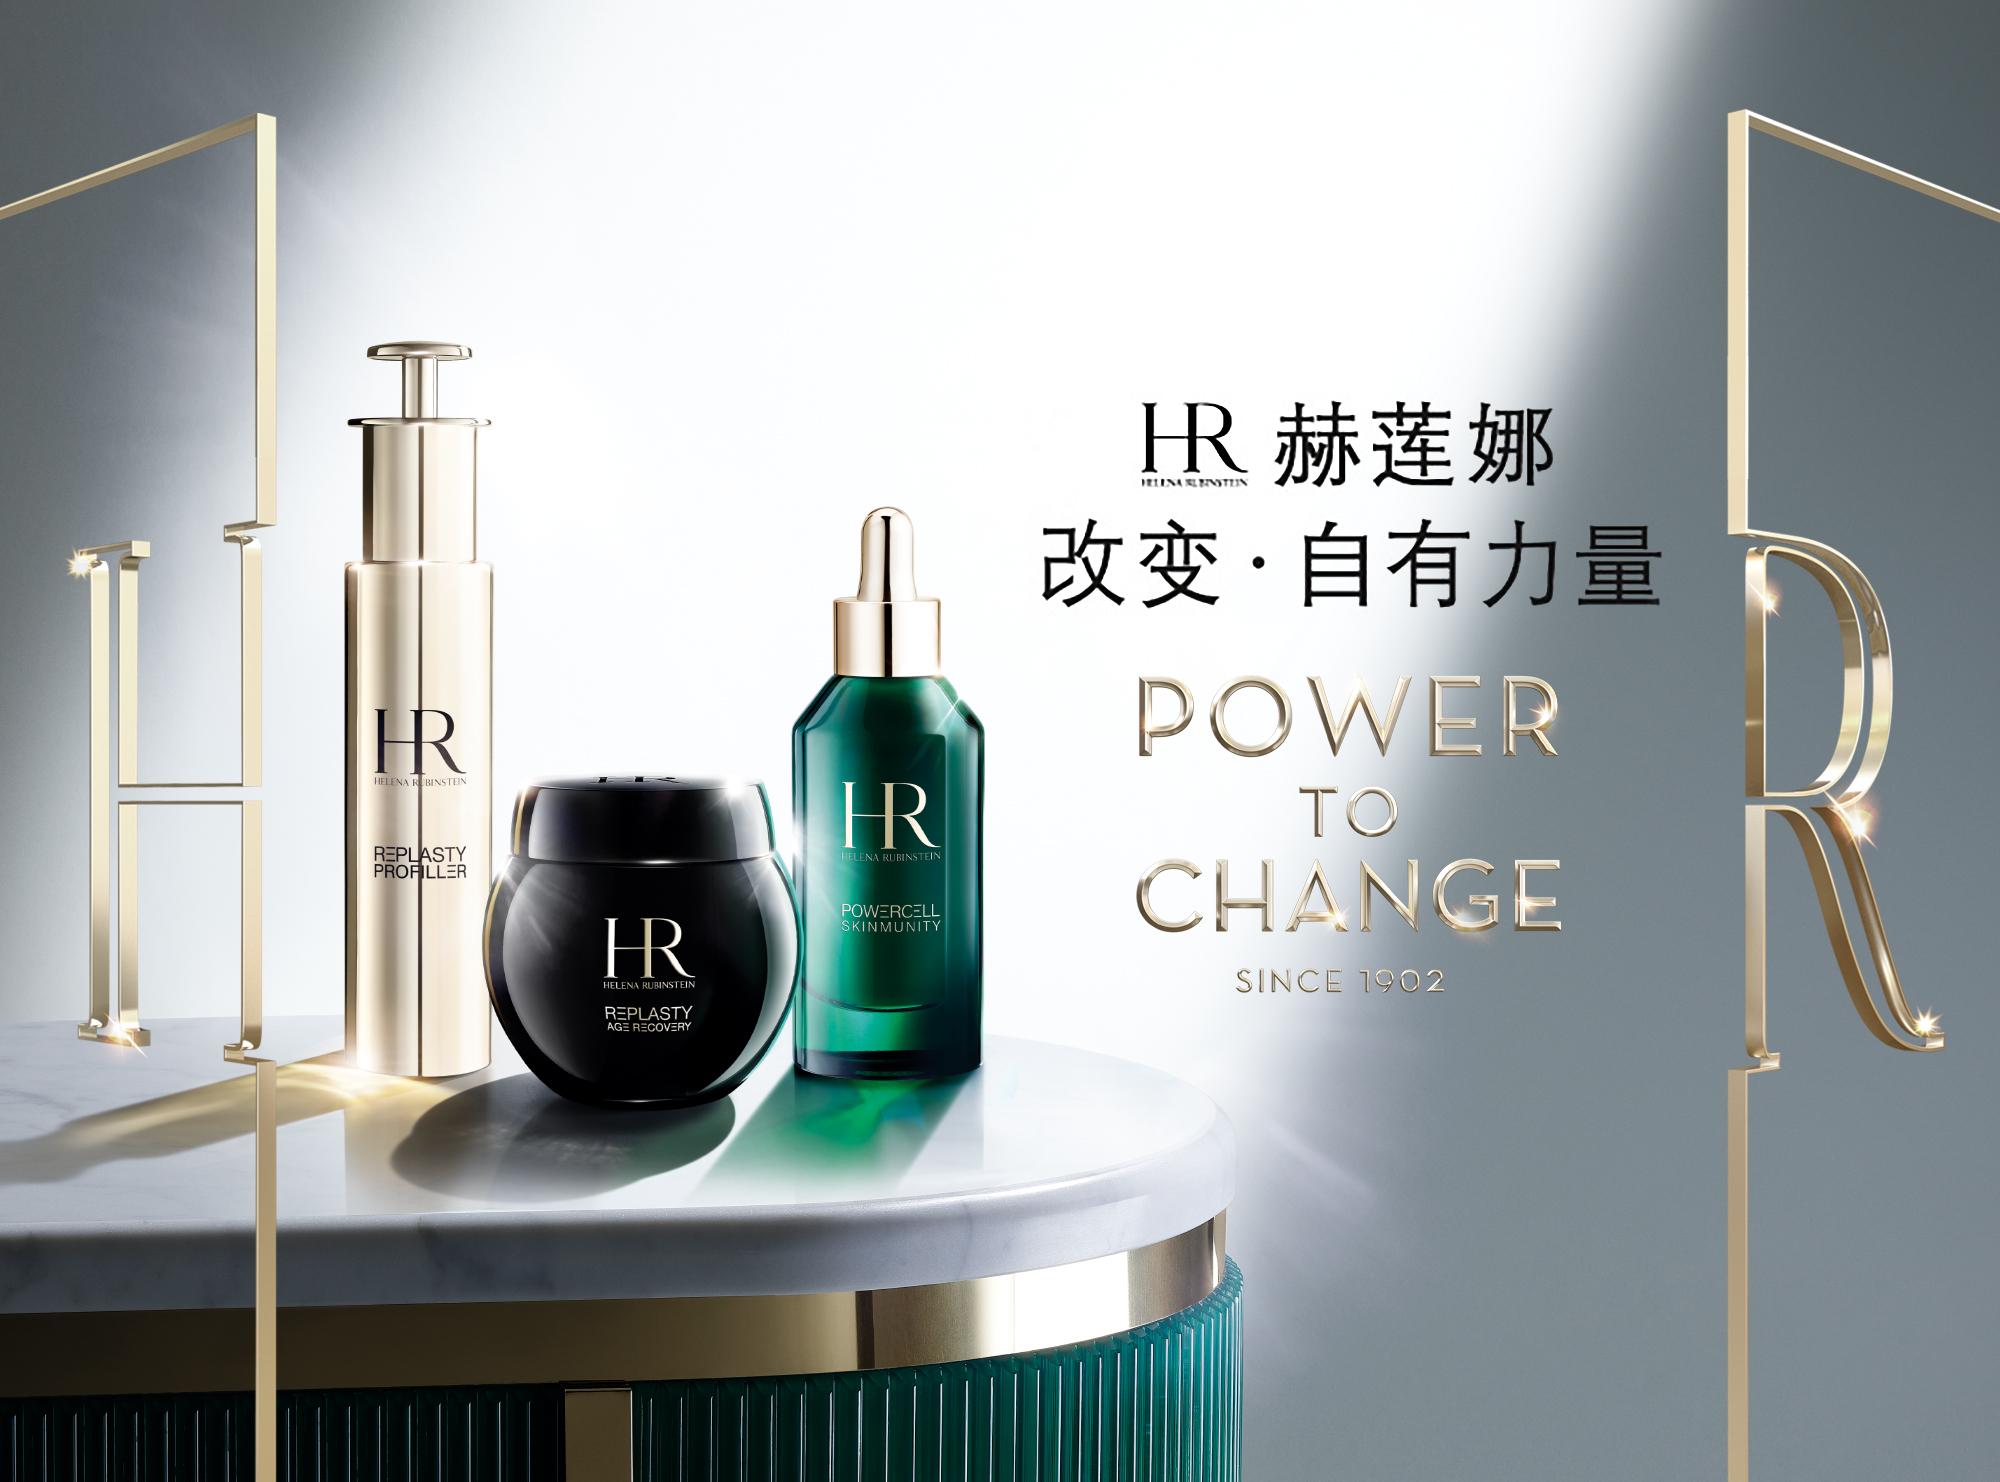 改变 · 自有力量——HR赫莲娜耀启超级品牌日